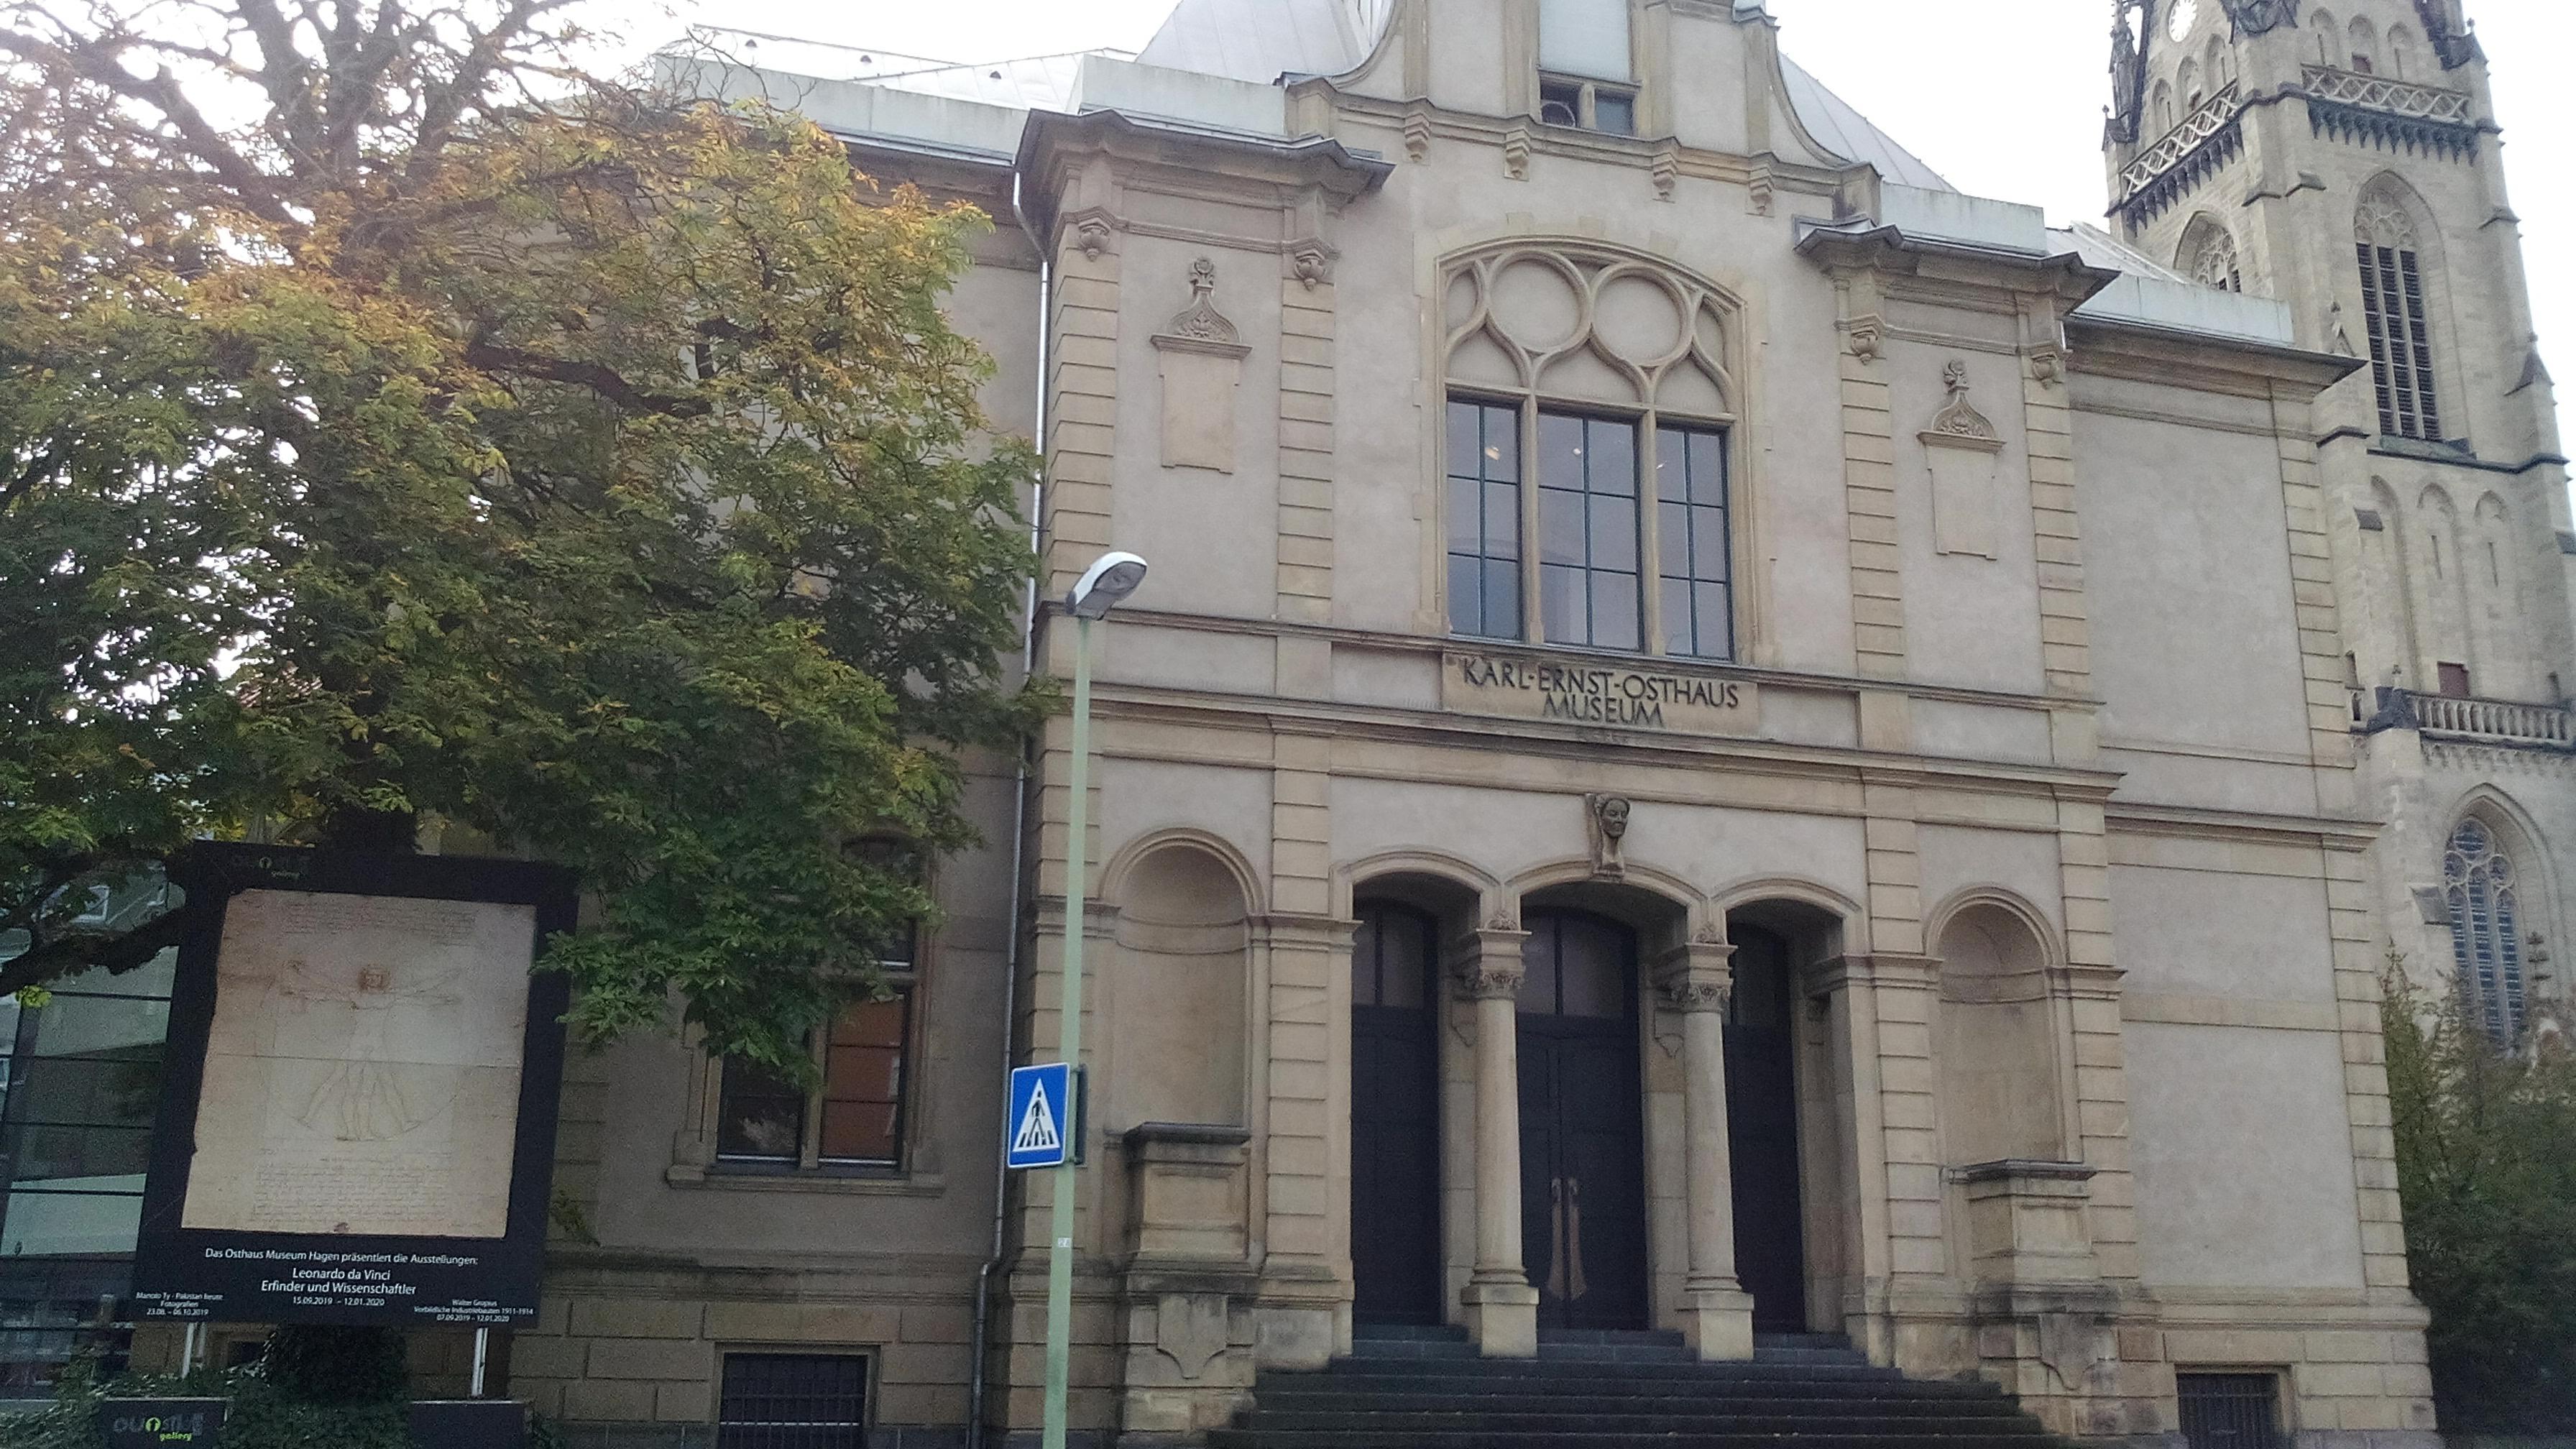 ÖFFENTLICHE FÜHRUNG IM OSTHAUS MUSEUM